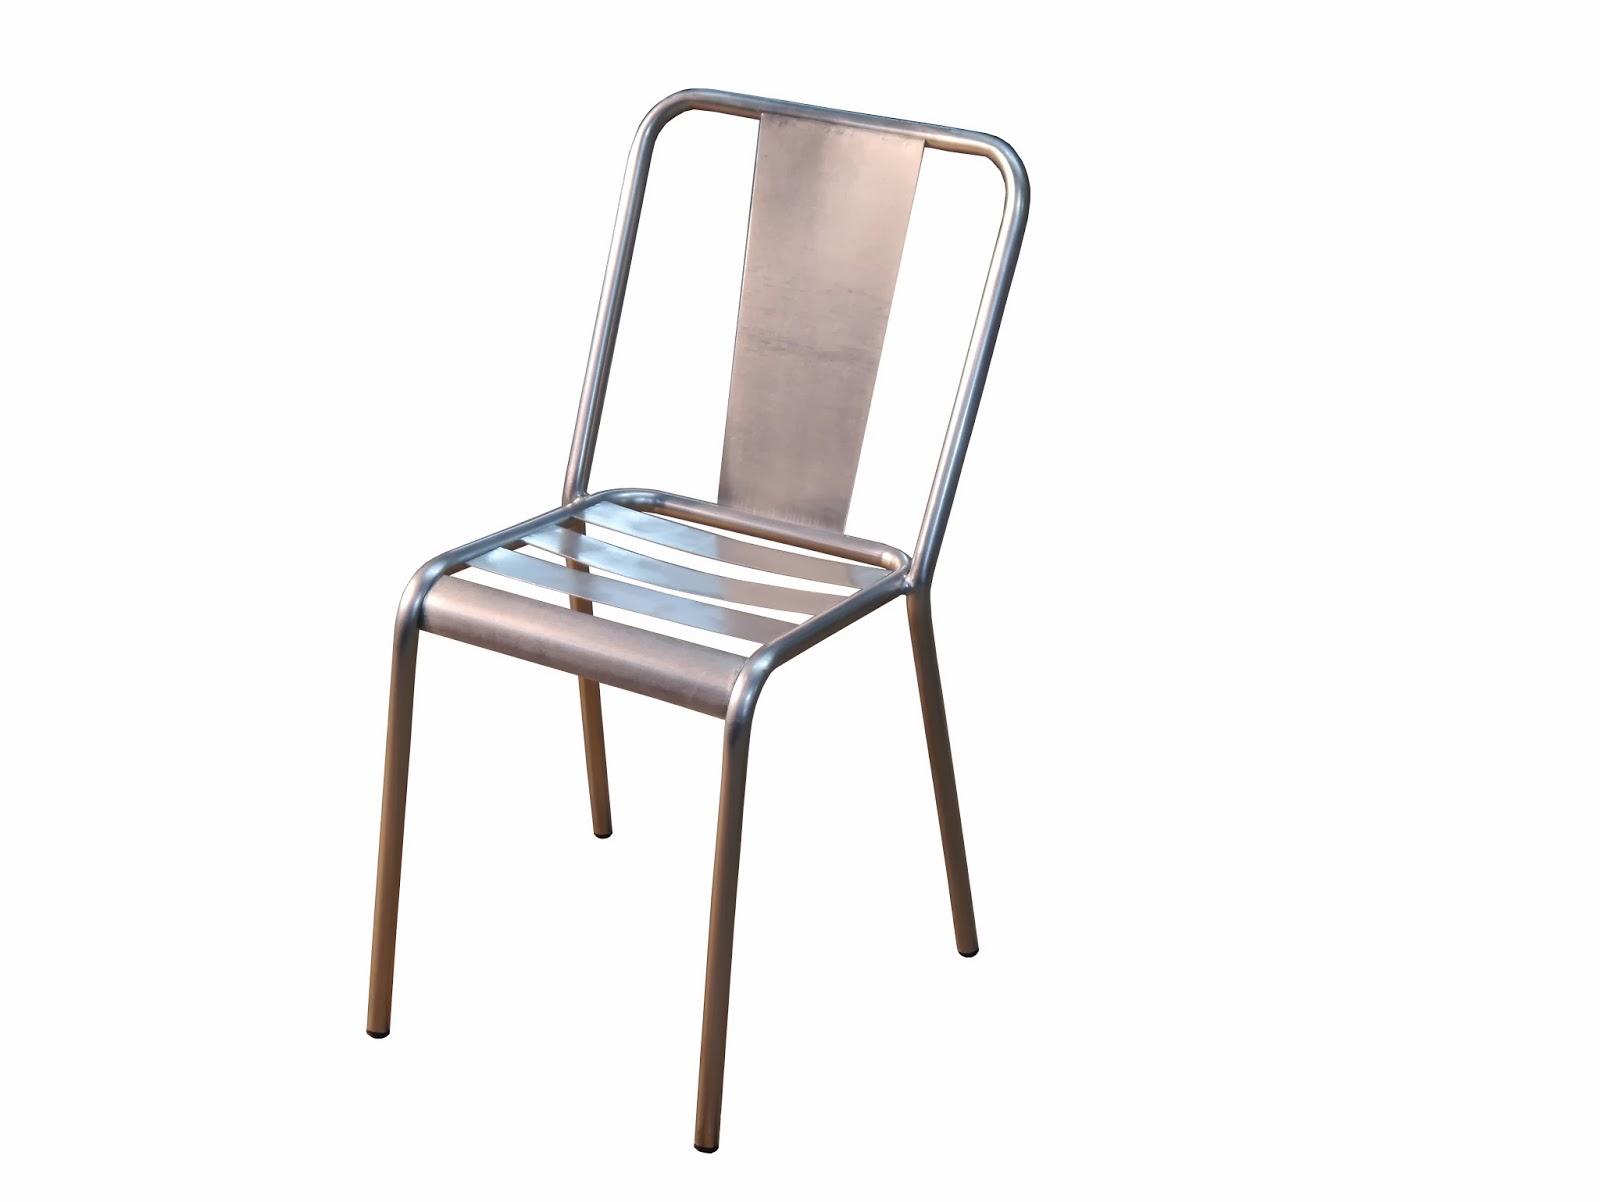 Mesas y sillas de hierro forjado artesanalmente en for Modelos de sillas de metal